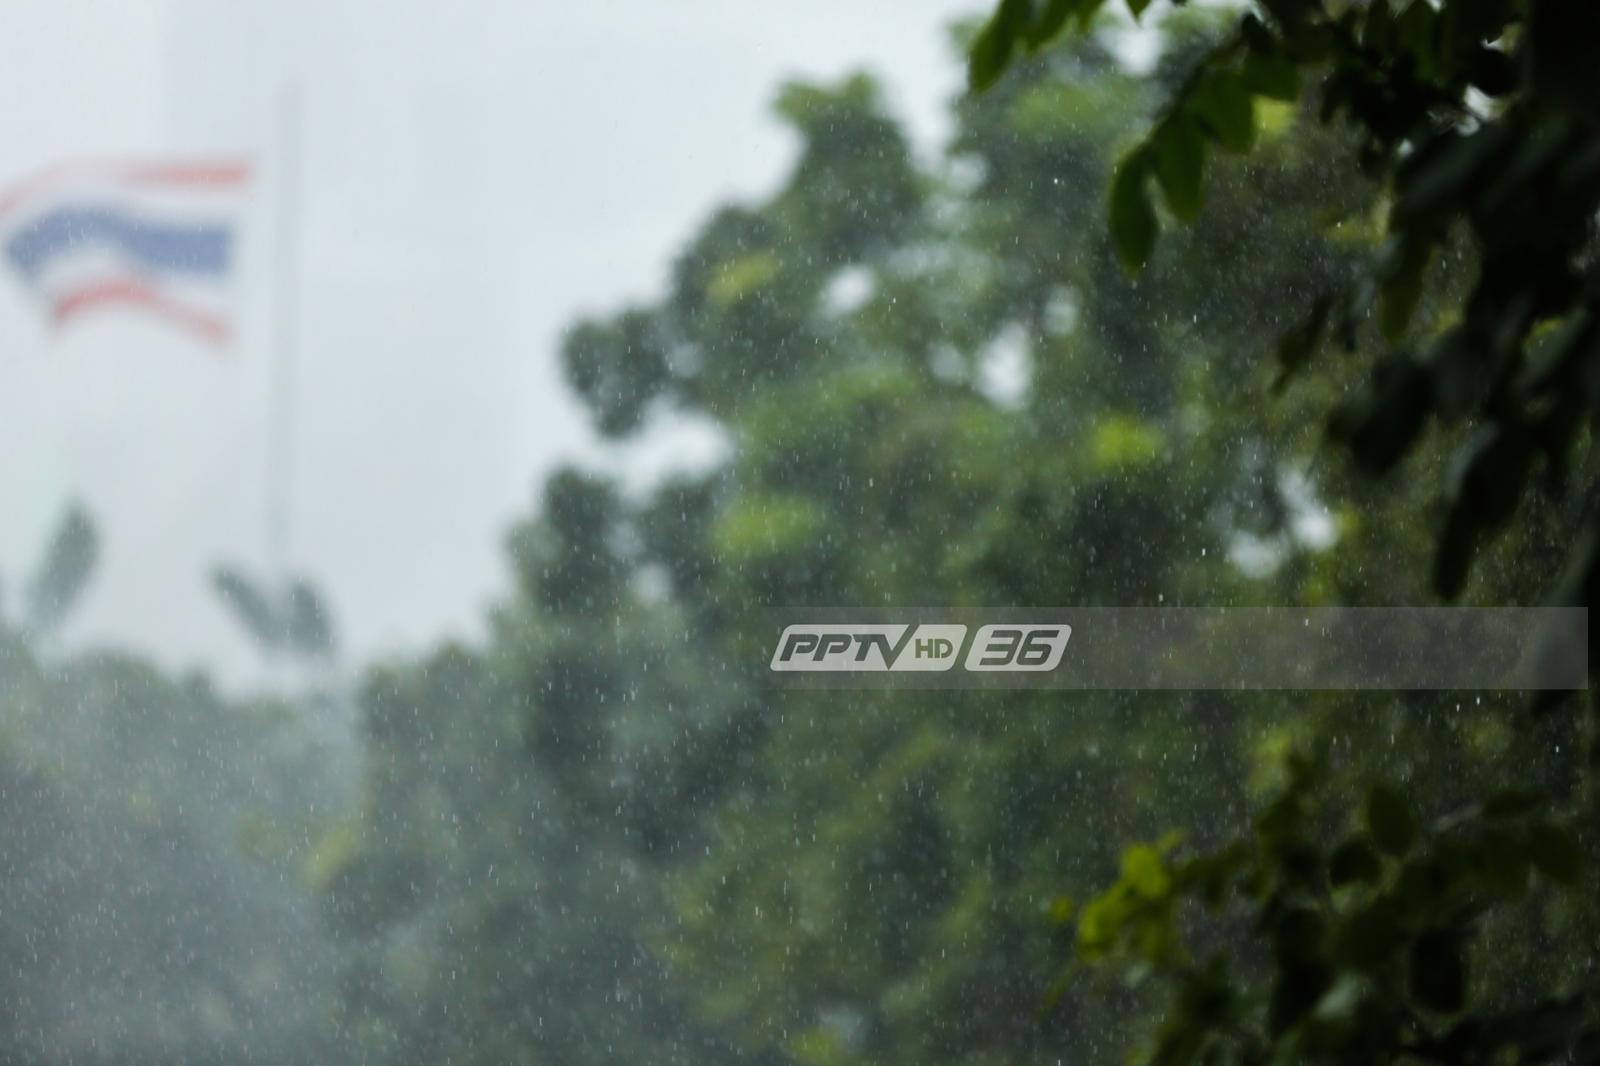 """กรมอุตุฯ เผย พายุ """"ด็อมเร็ย"""" อ่อนกำลังเป็นหย่อมความกดอากาศต่ำ"""